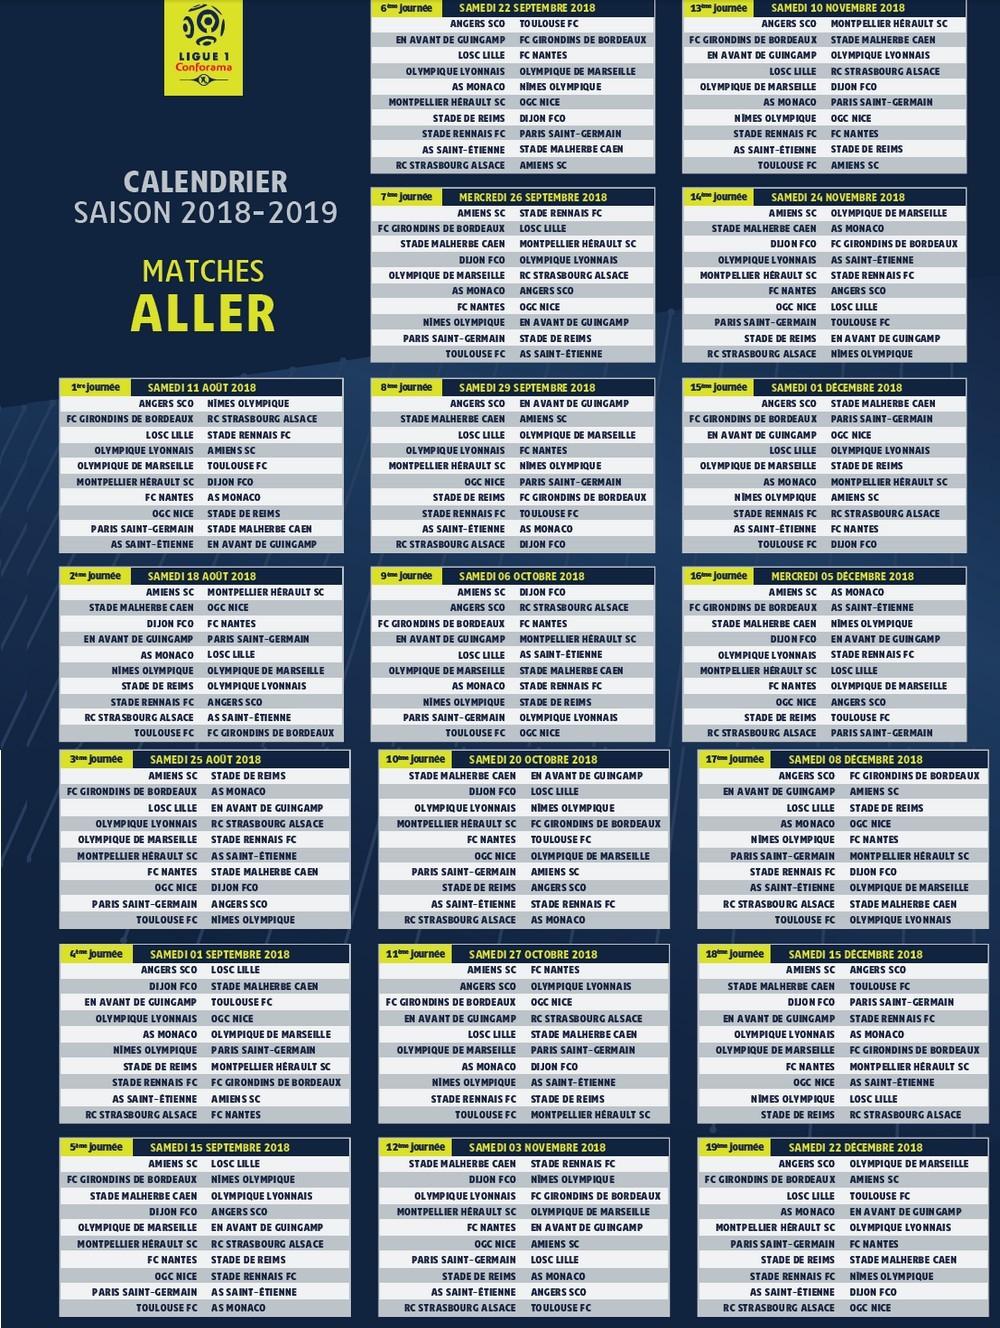 Calendrier Ligue 1 Nice.Calendrier 2018 2019 Ligue 1 Olympique De Marseille